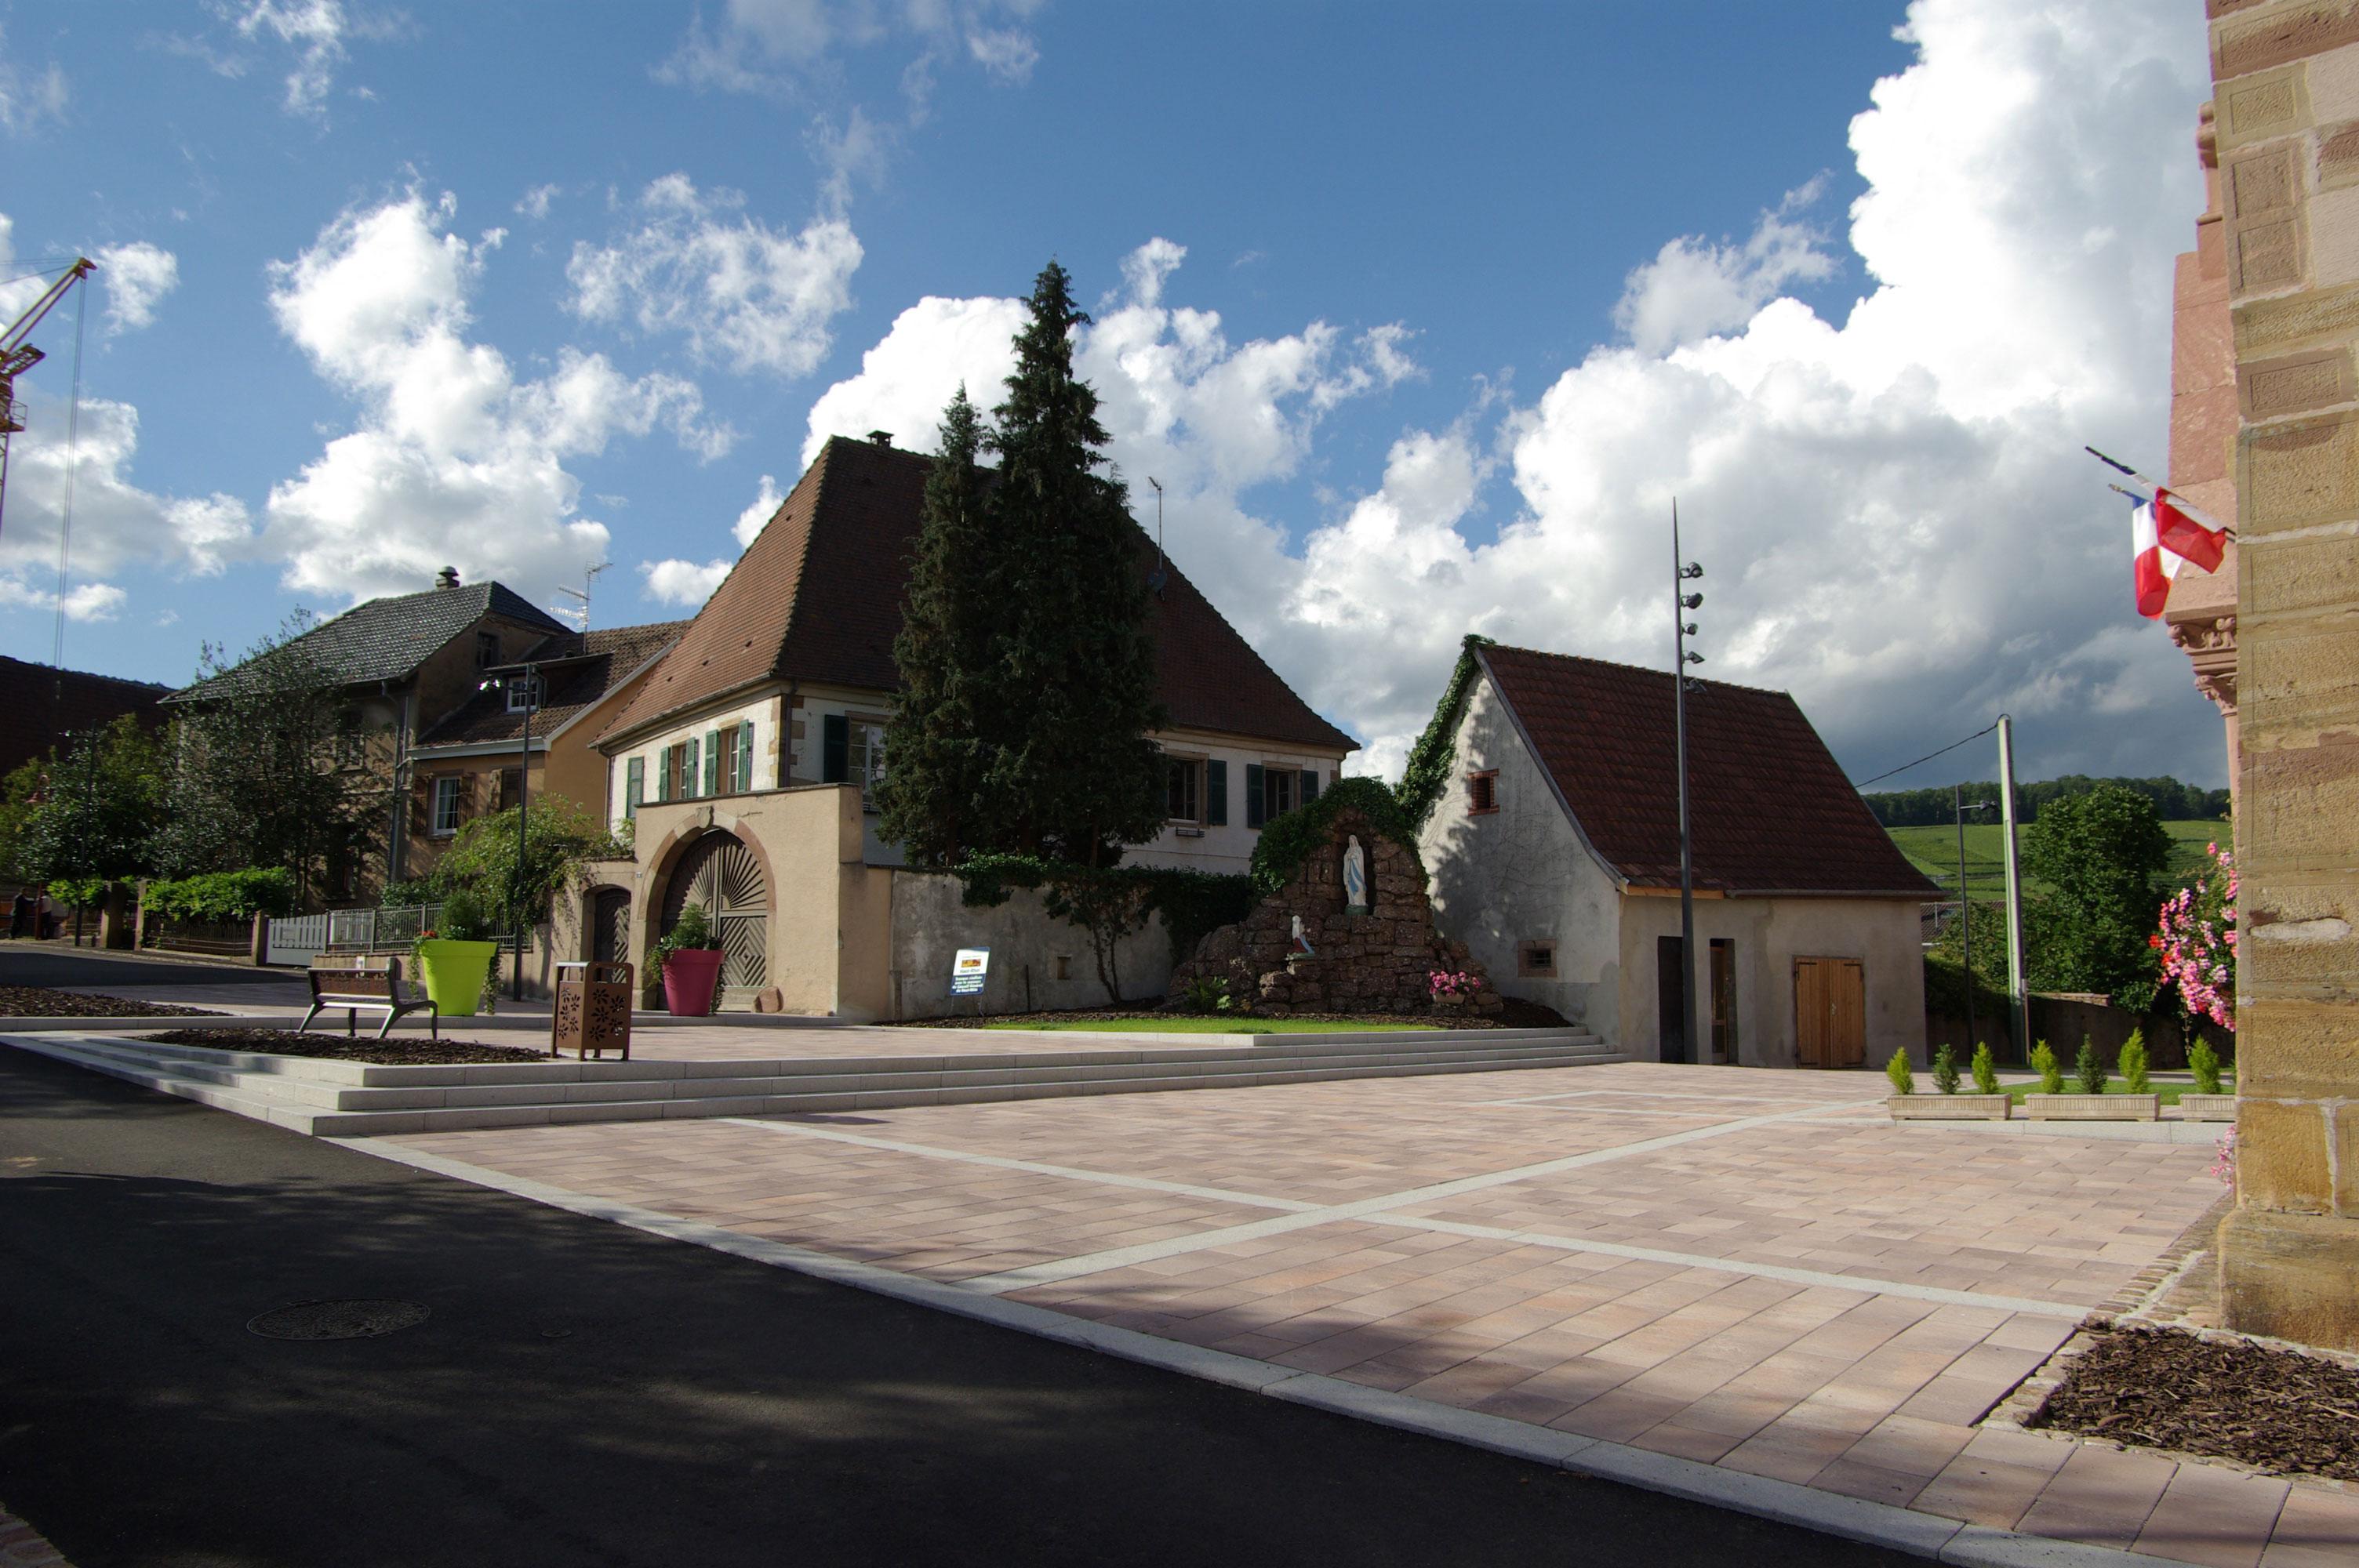 Orschwihr place de l eglise gallois curie atelier de for Architecte paysagiste alsace